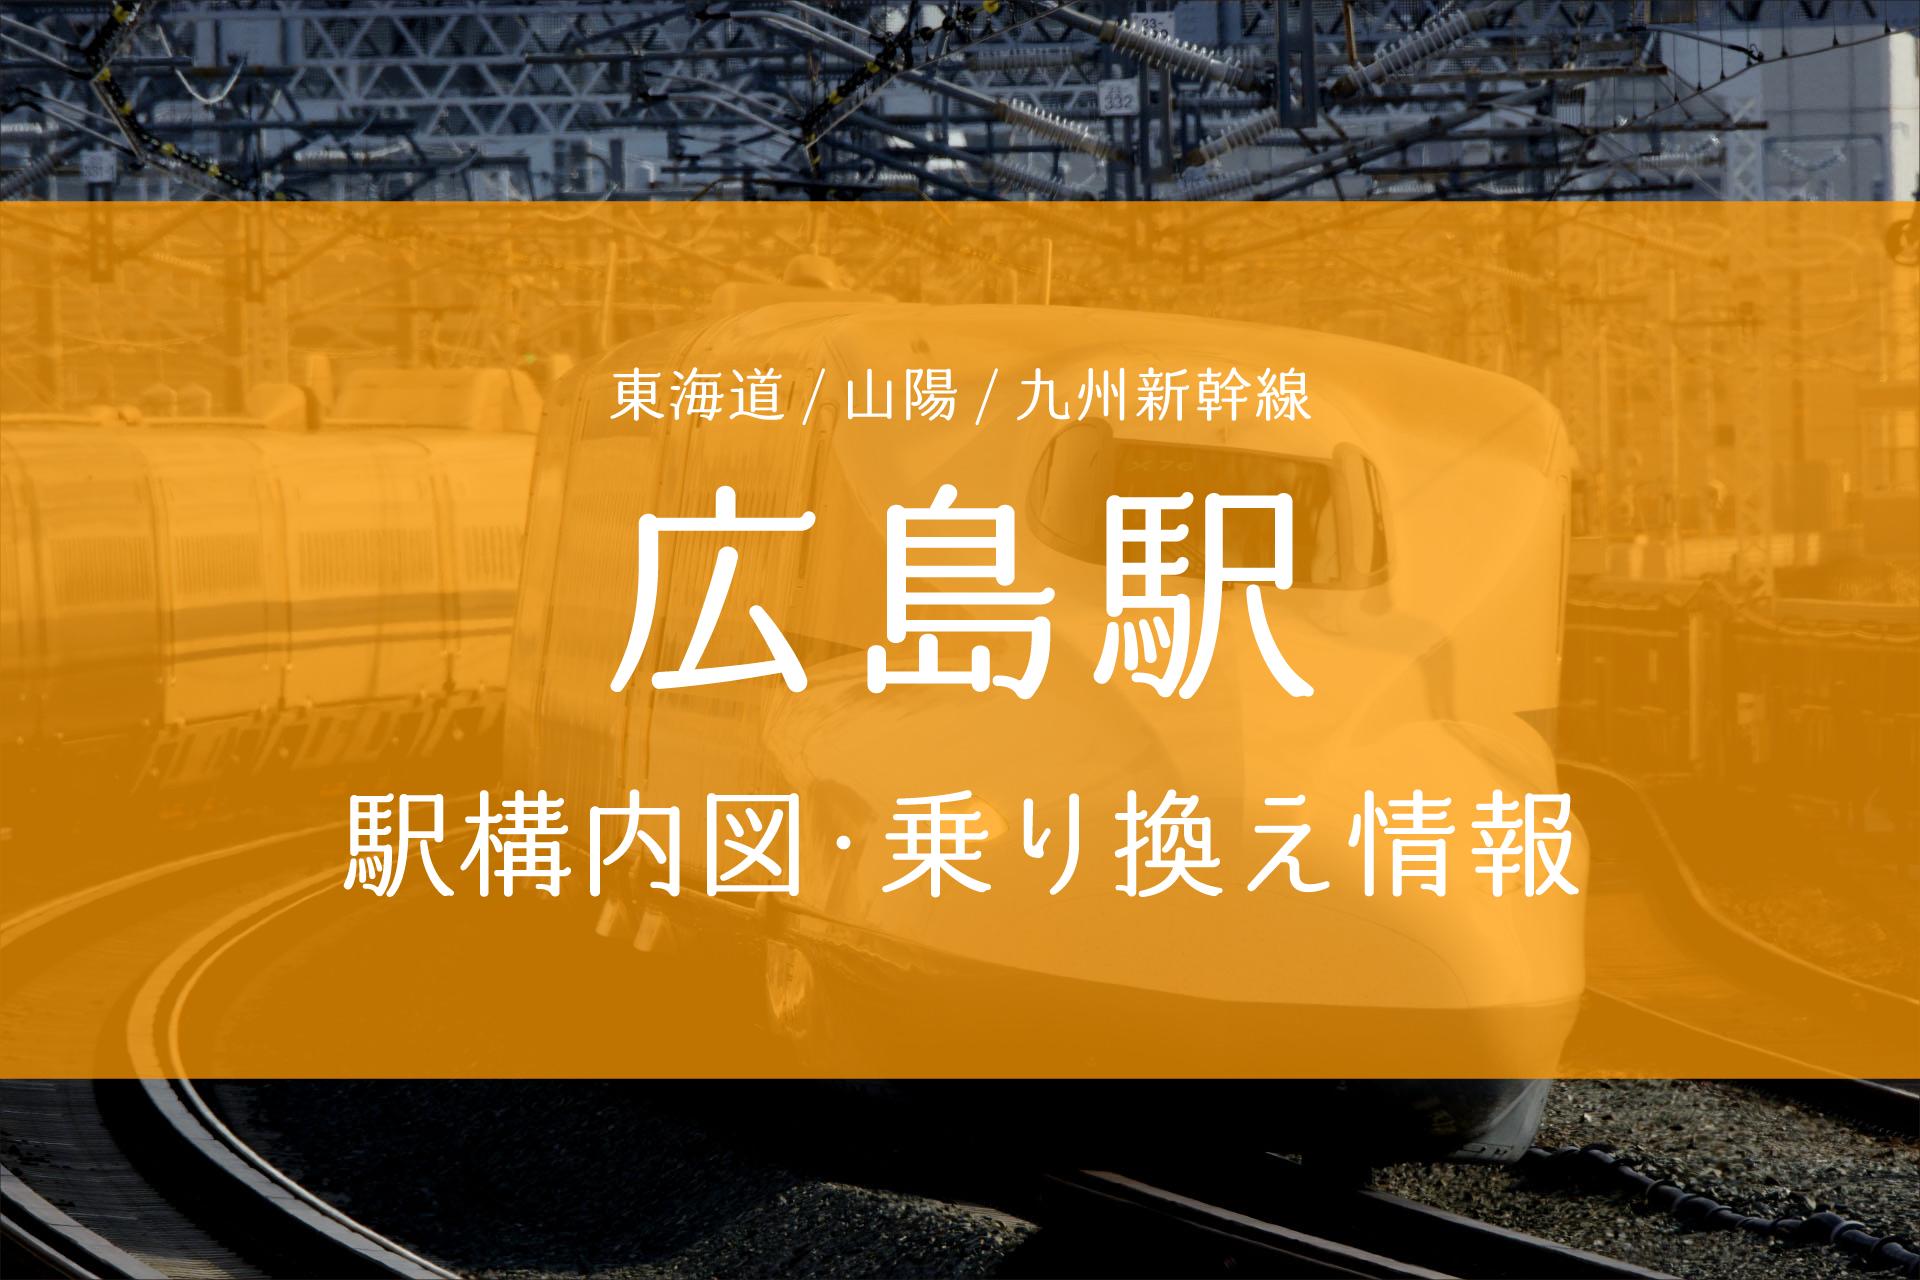 広島駅構内図・乗り換え情報